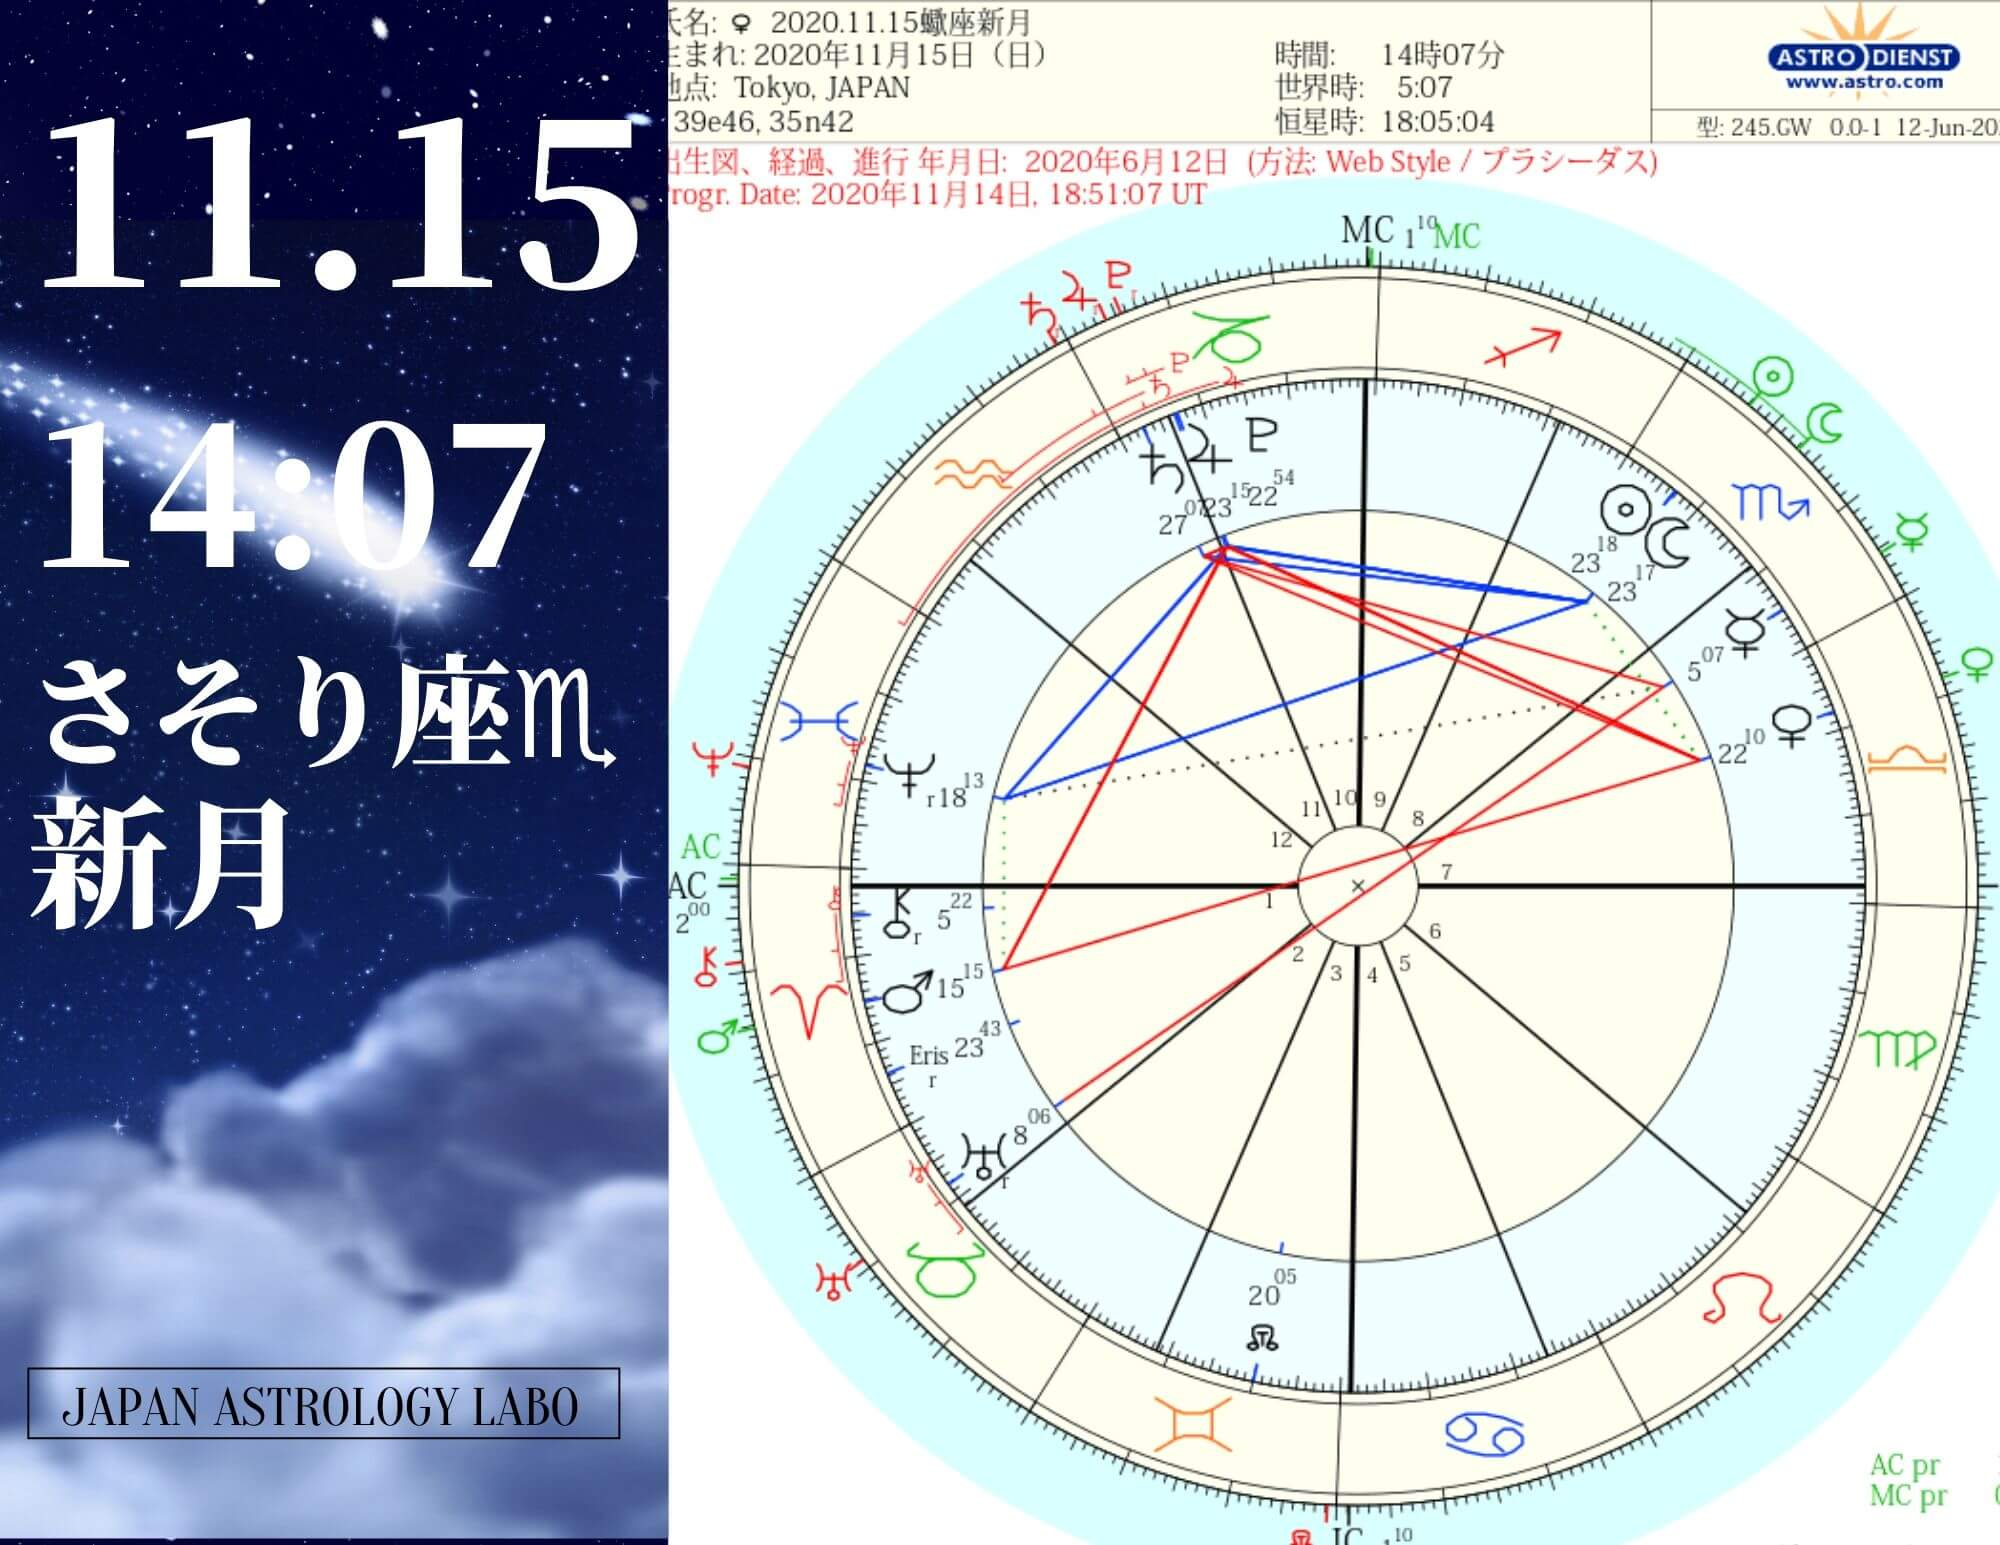 2020年11月15日蠍座新月